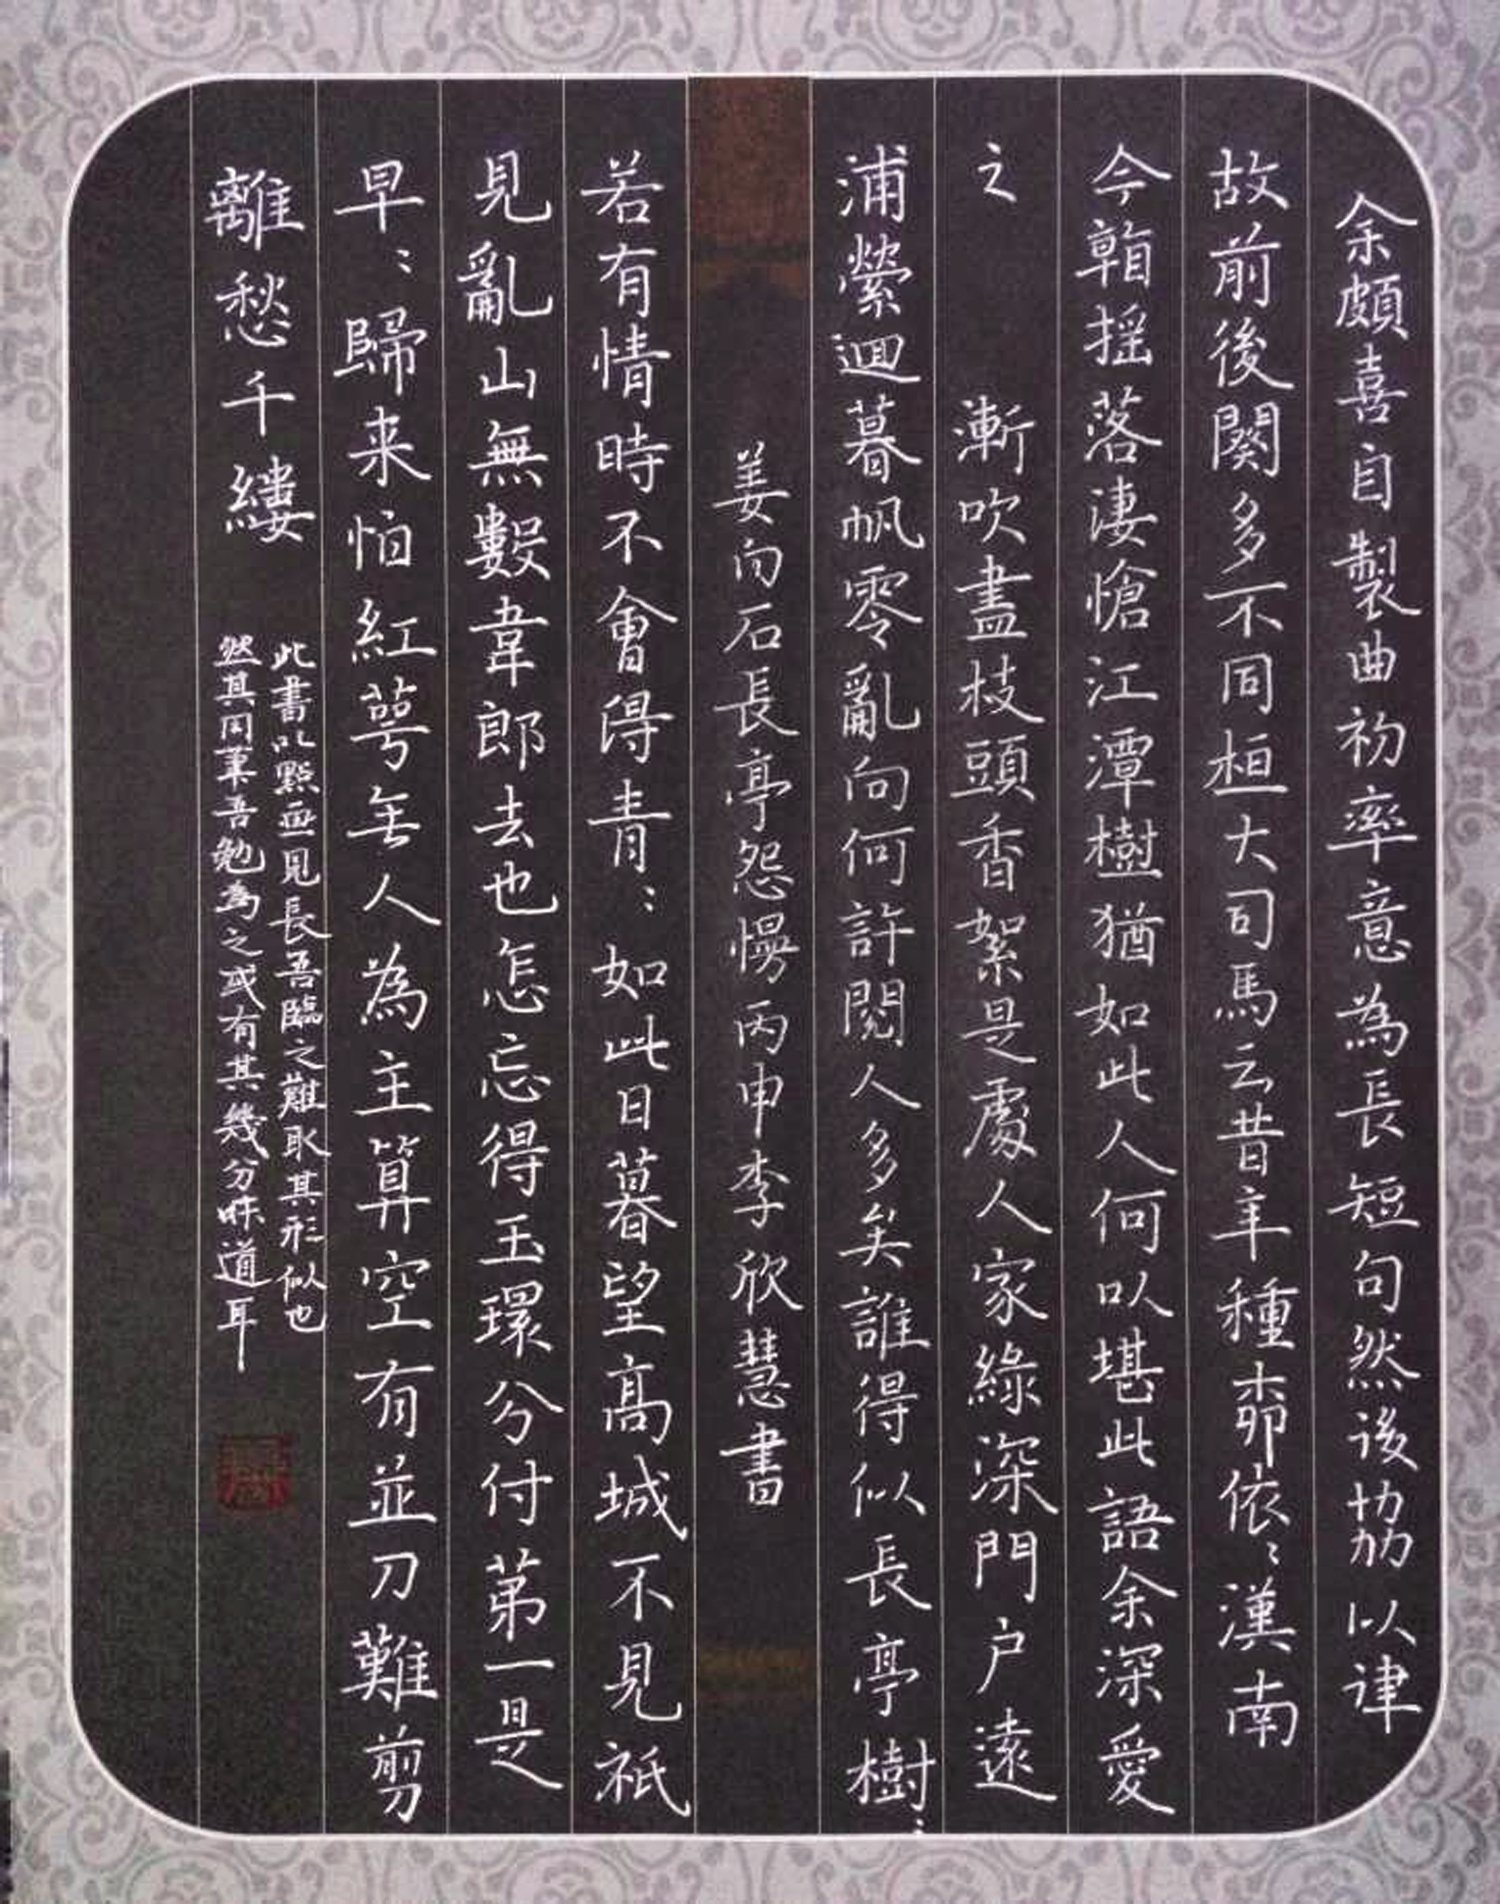 硬笔书法-湖南第一师范学院校报电子版